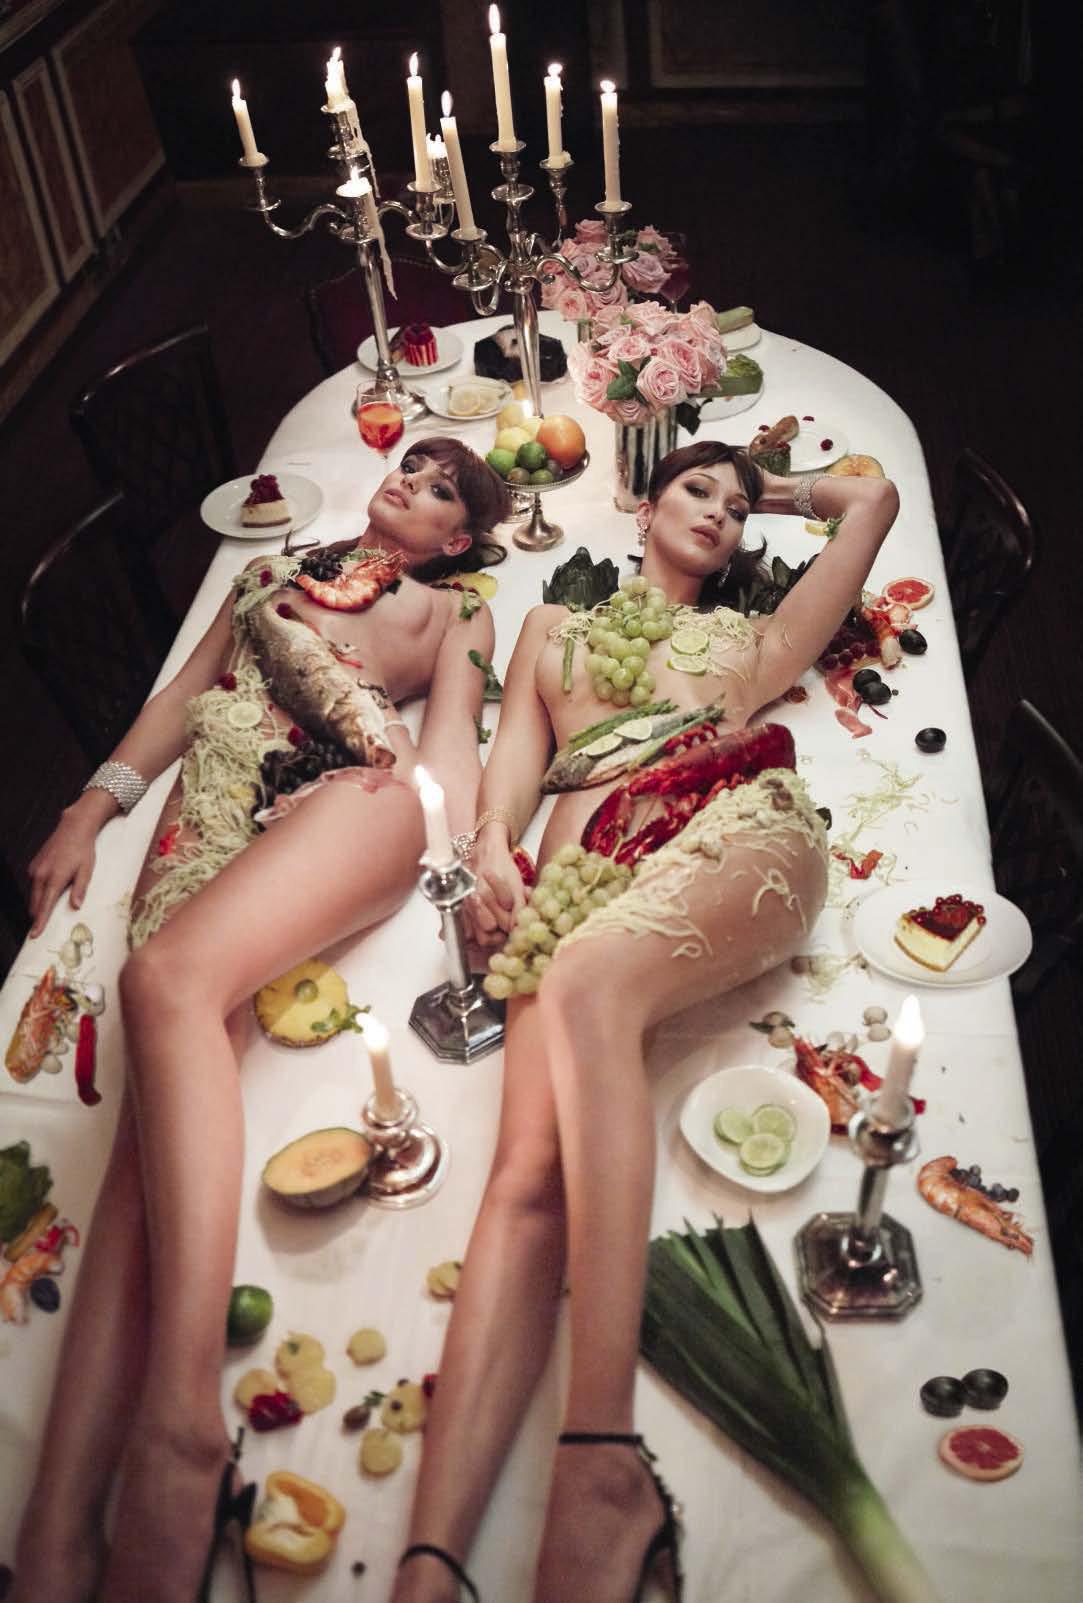 时尚摄影师组合 Mert & Marcus时尚摄影:Vogue杂志意大利版2017年11月刊《庆祝问题》,模特 ANJA RUBIK, ANNA EWERS, AUBE JOLICOEUR, BELLA HA......